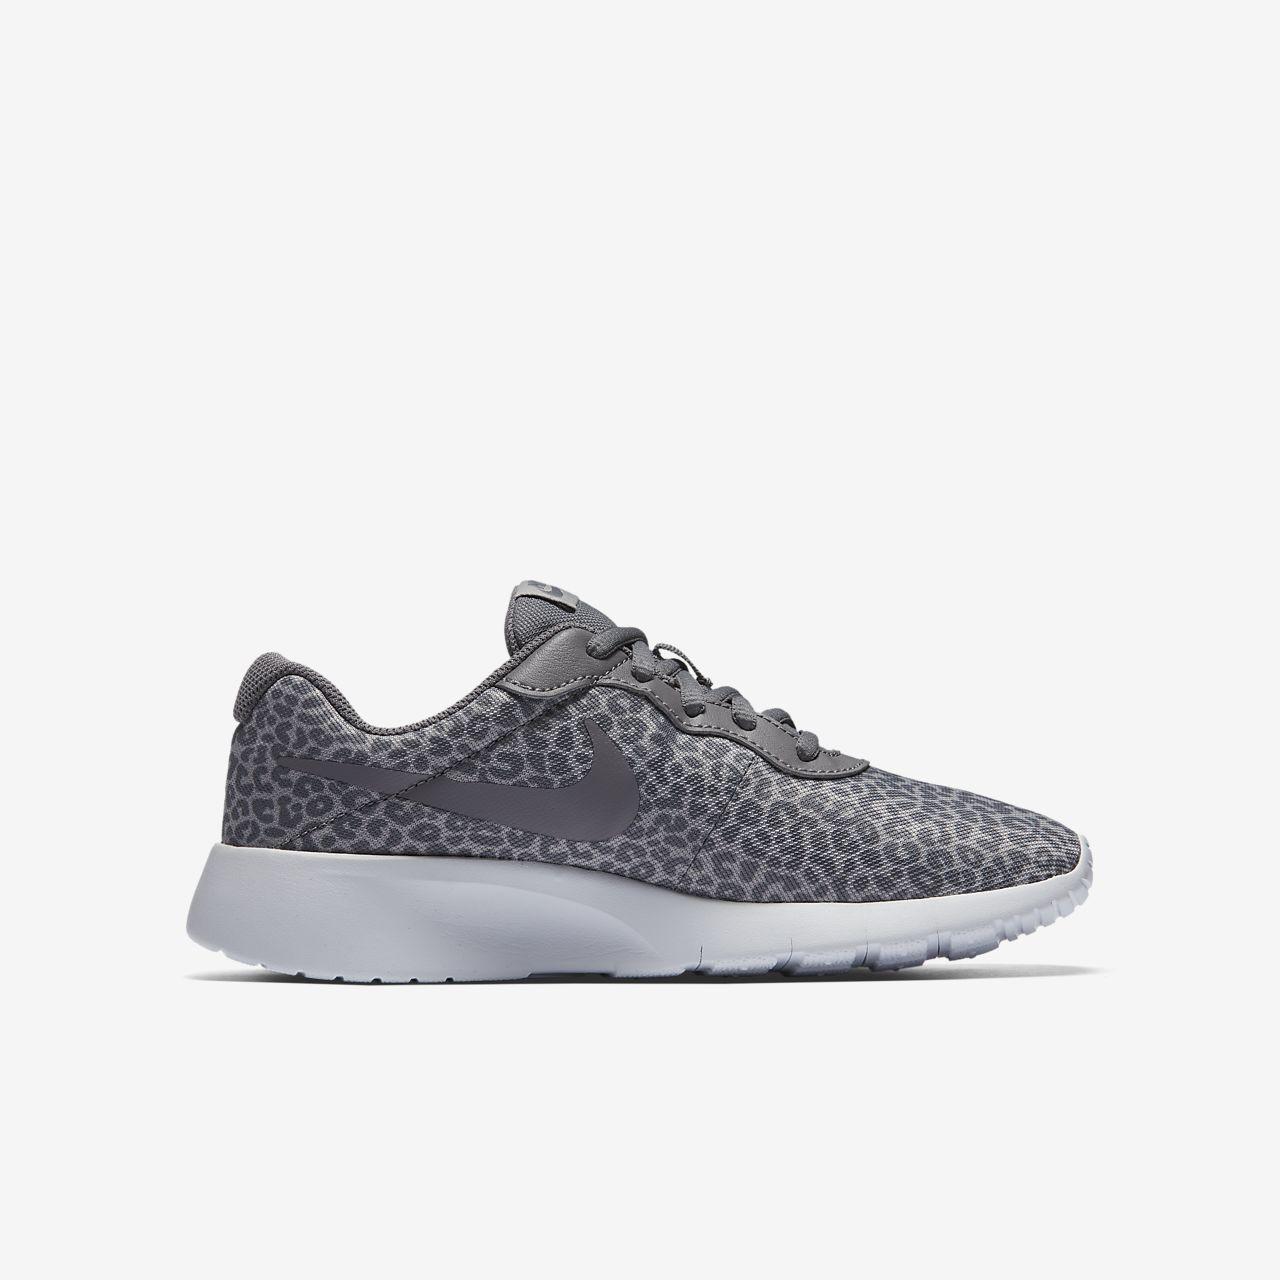 scarpe nike tanjun print